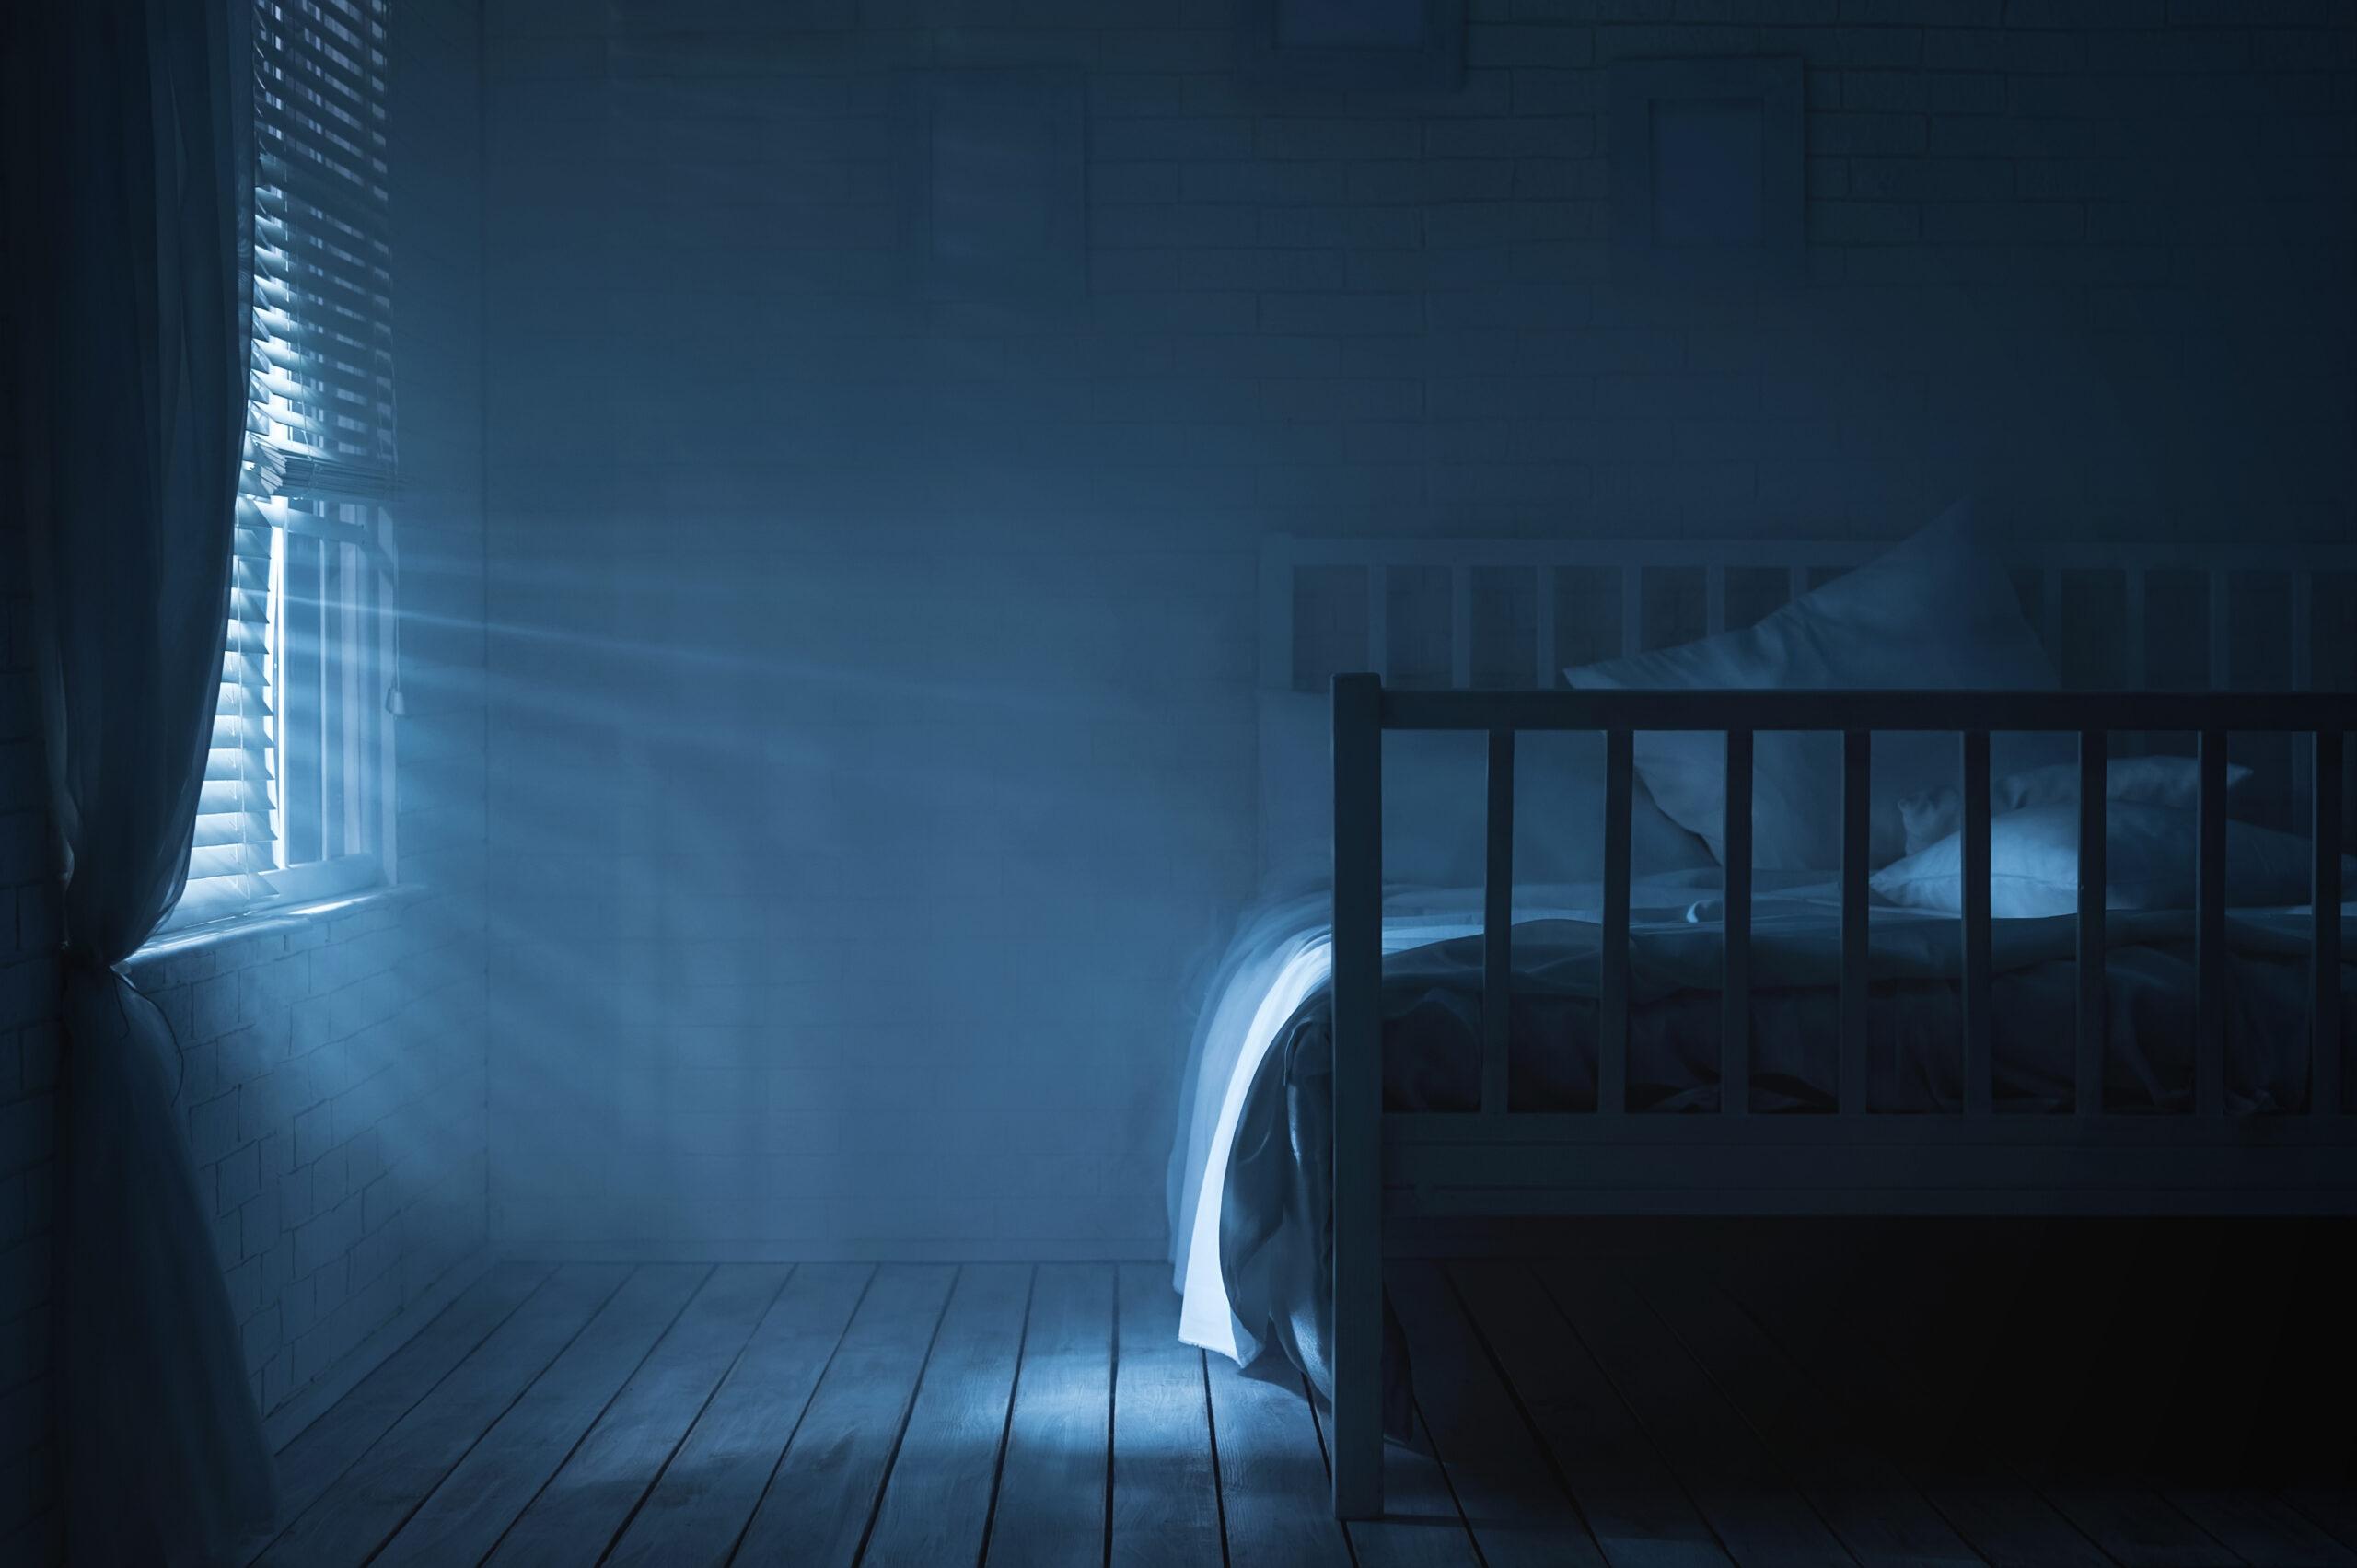 賃貸物件の孤独死対策 起こりうる損害と対策方法のまとめ